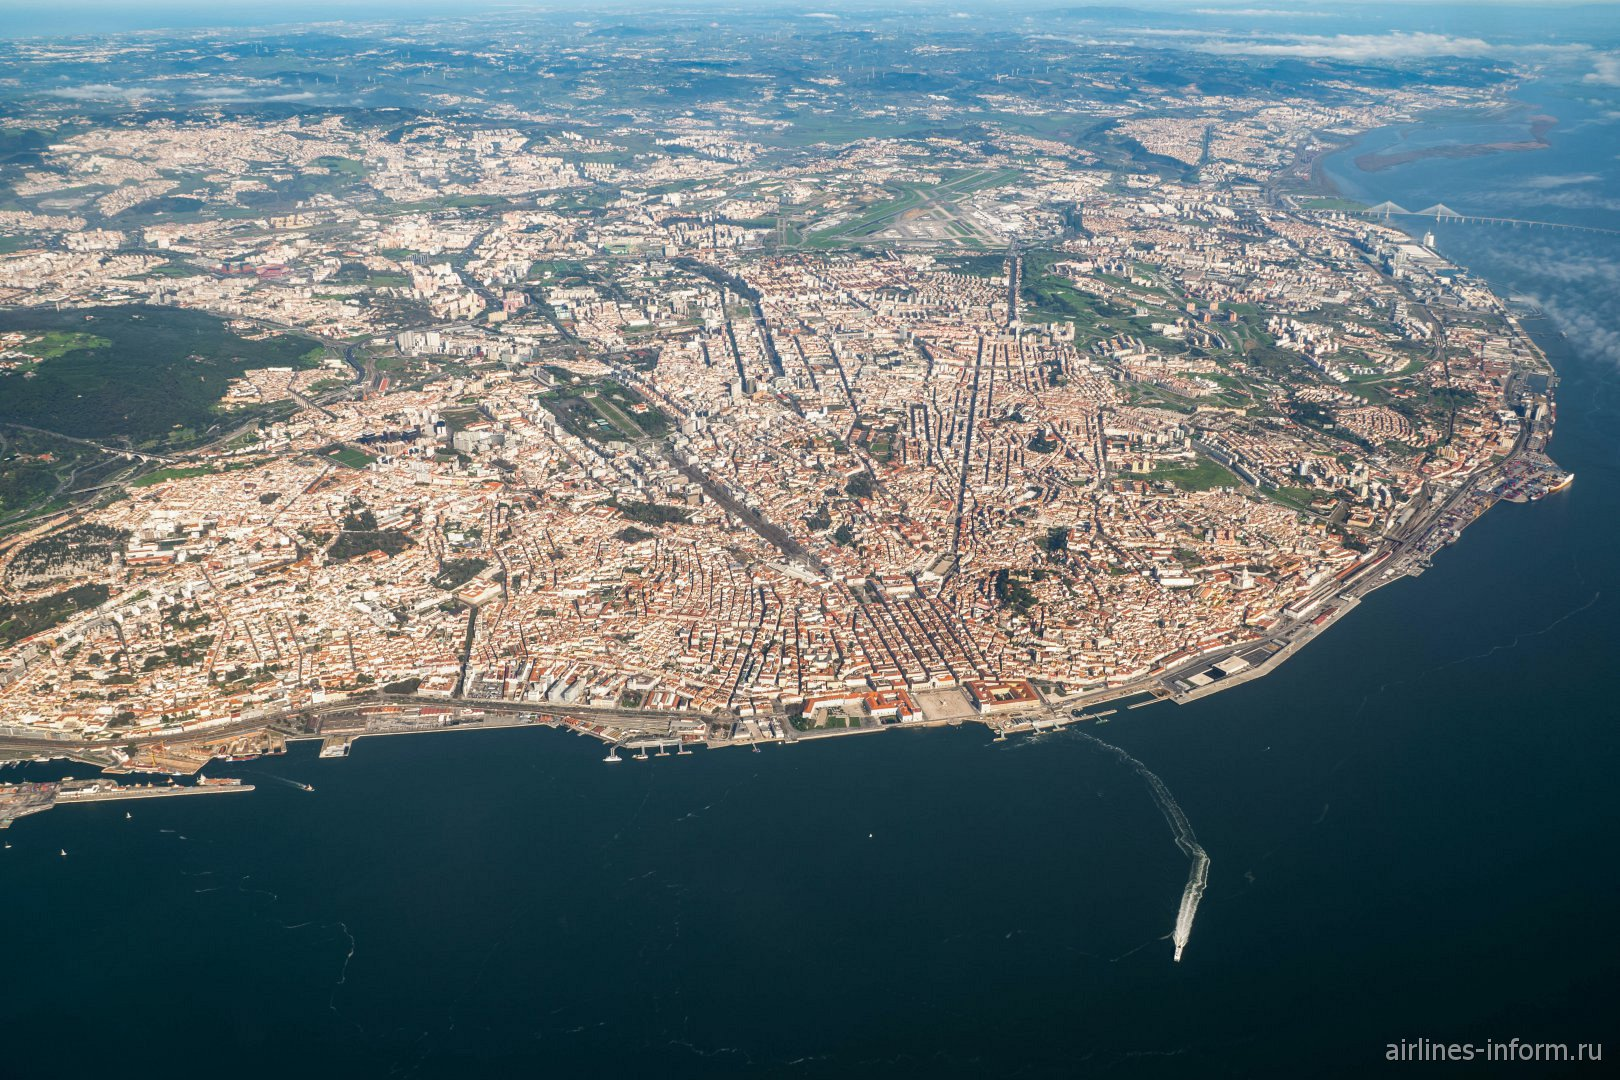 Вид на город Лиссабон - столицу Португалии